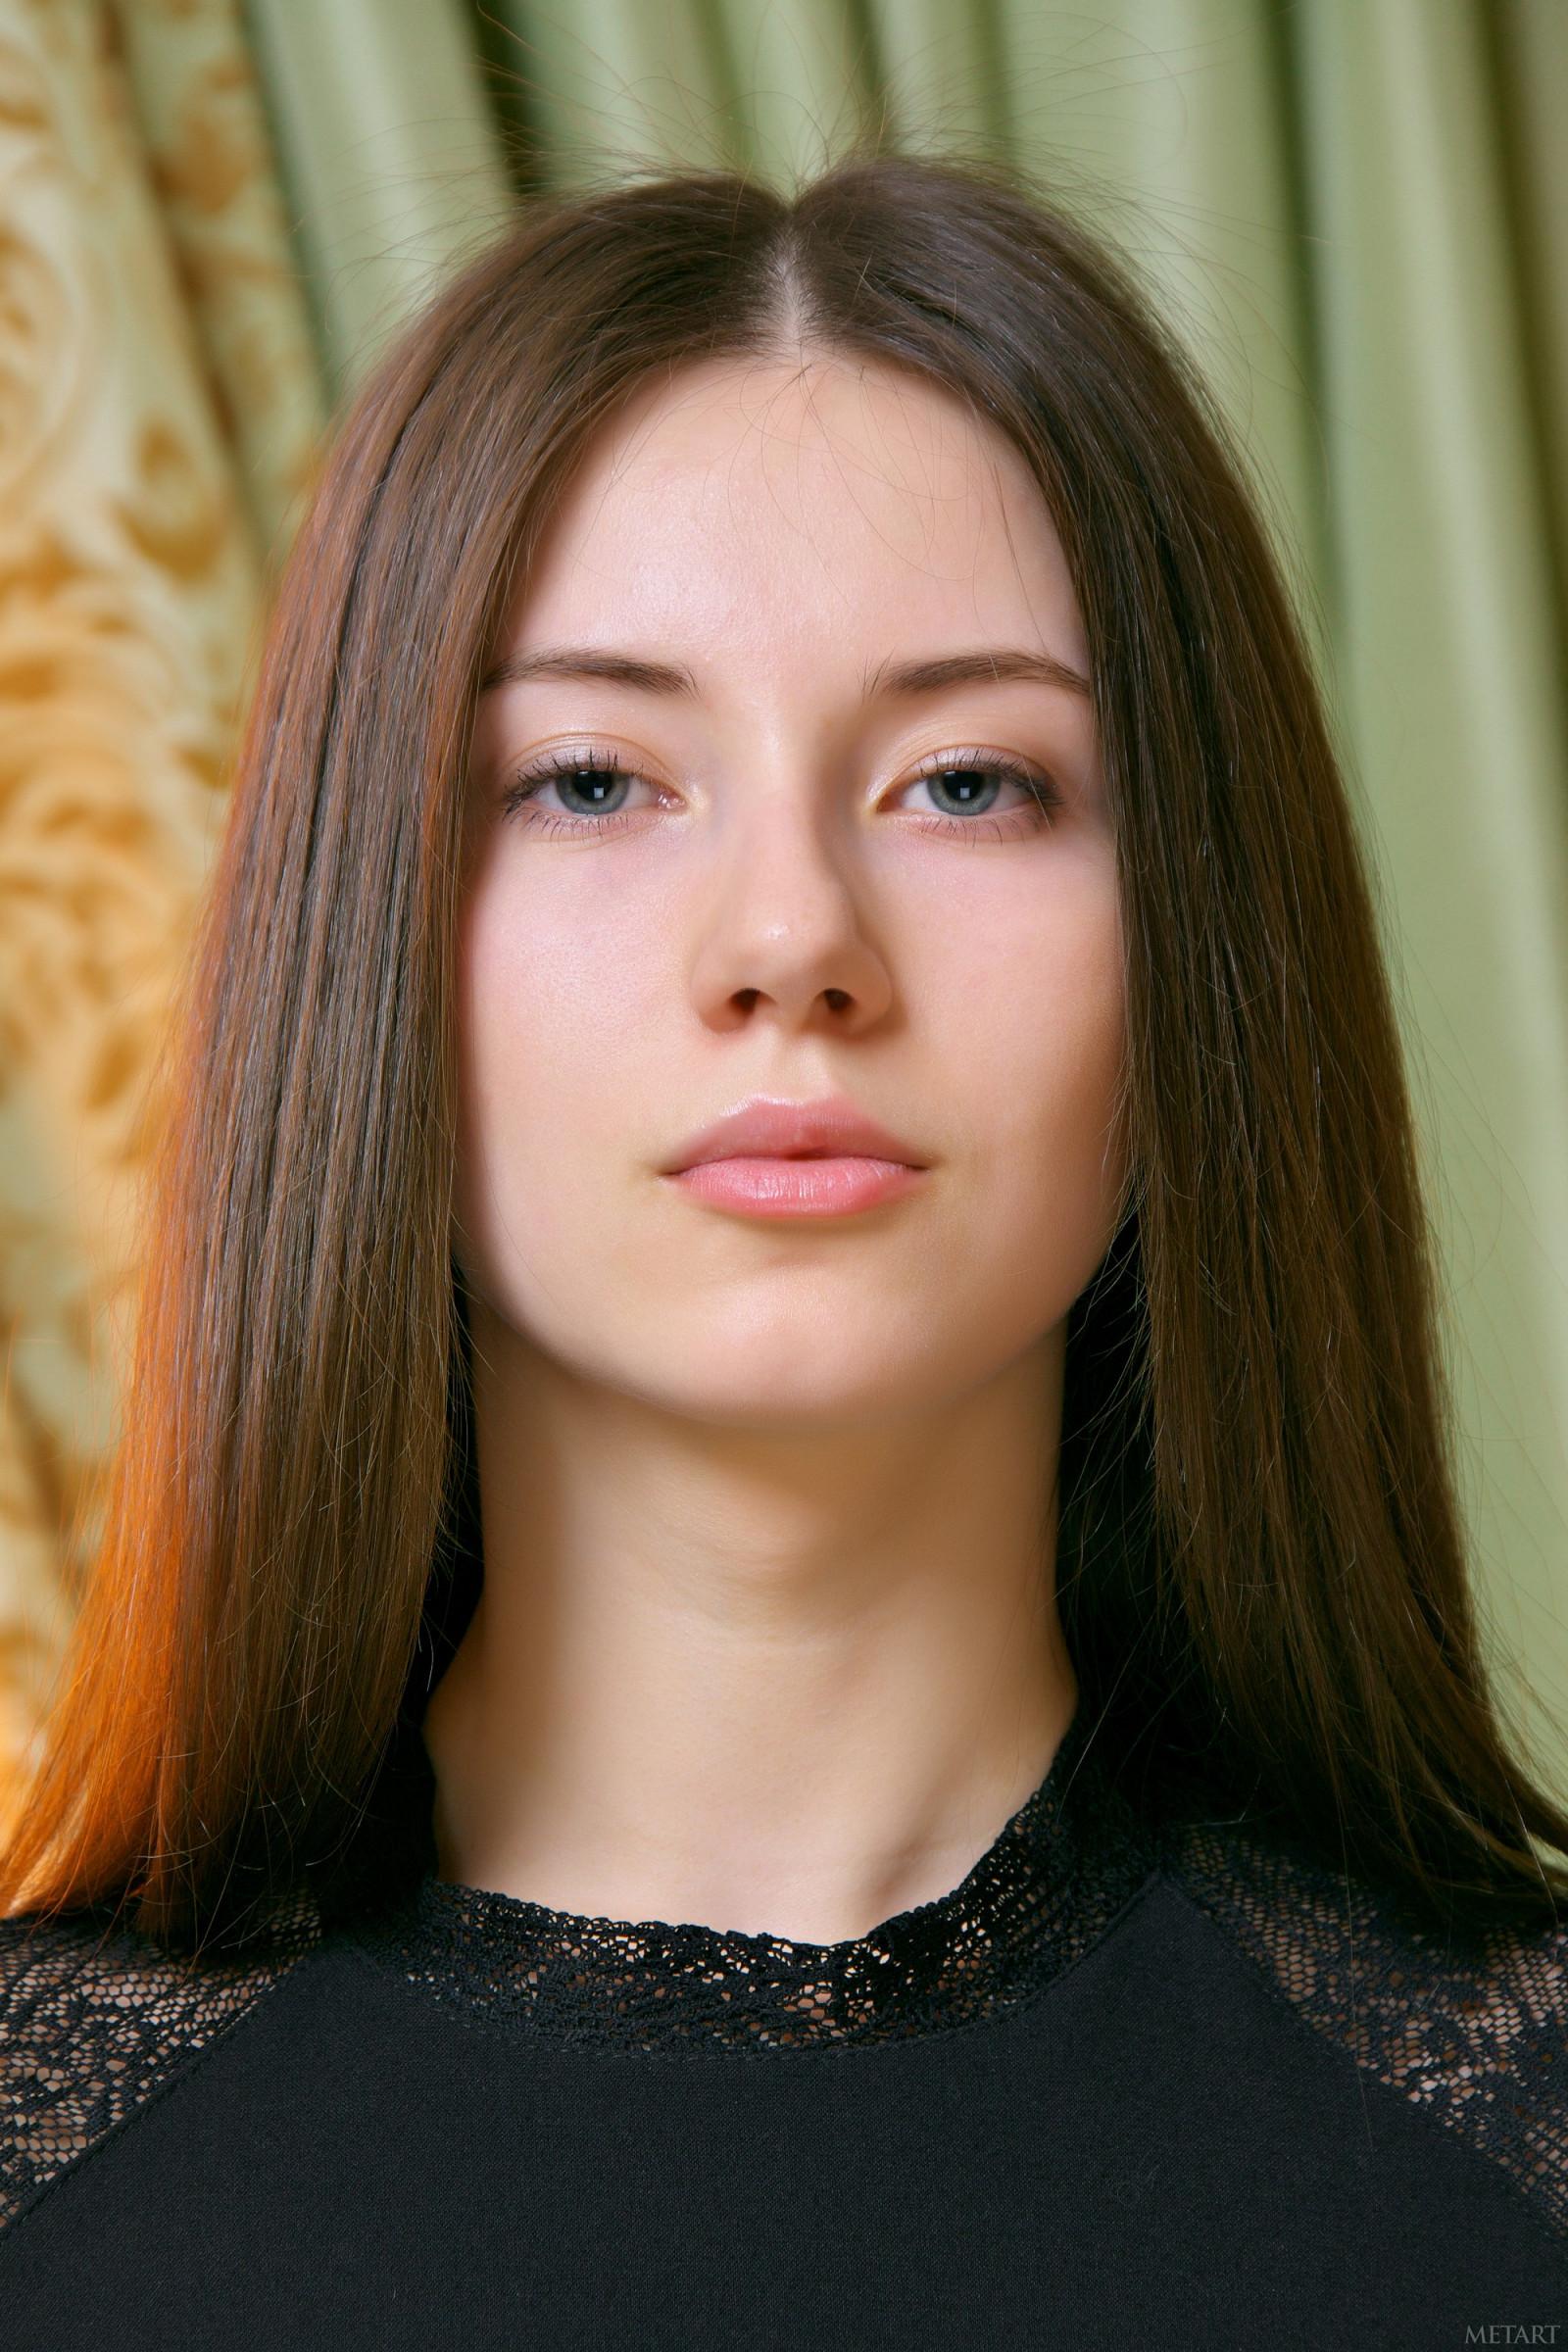 Wallpaper : MetArt Magazine, face, brunette, blue eyes